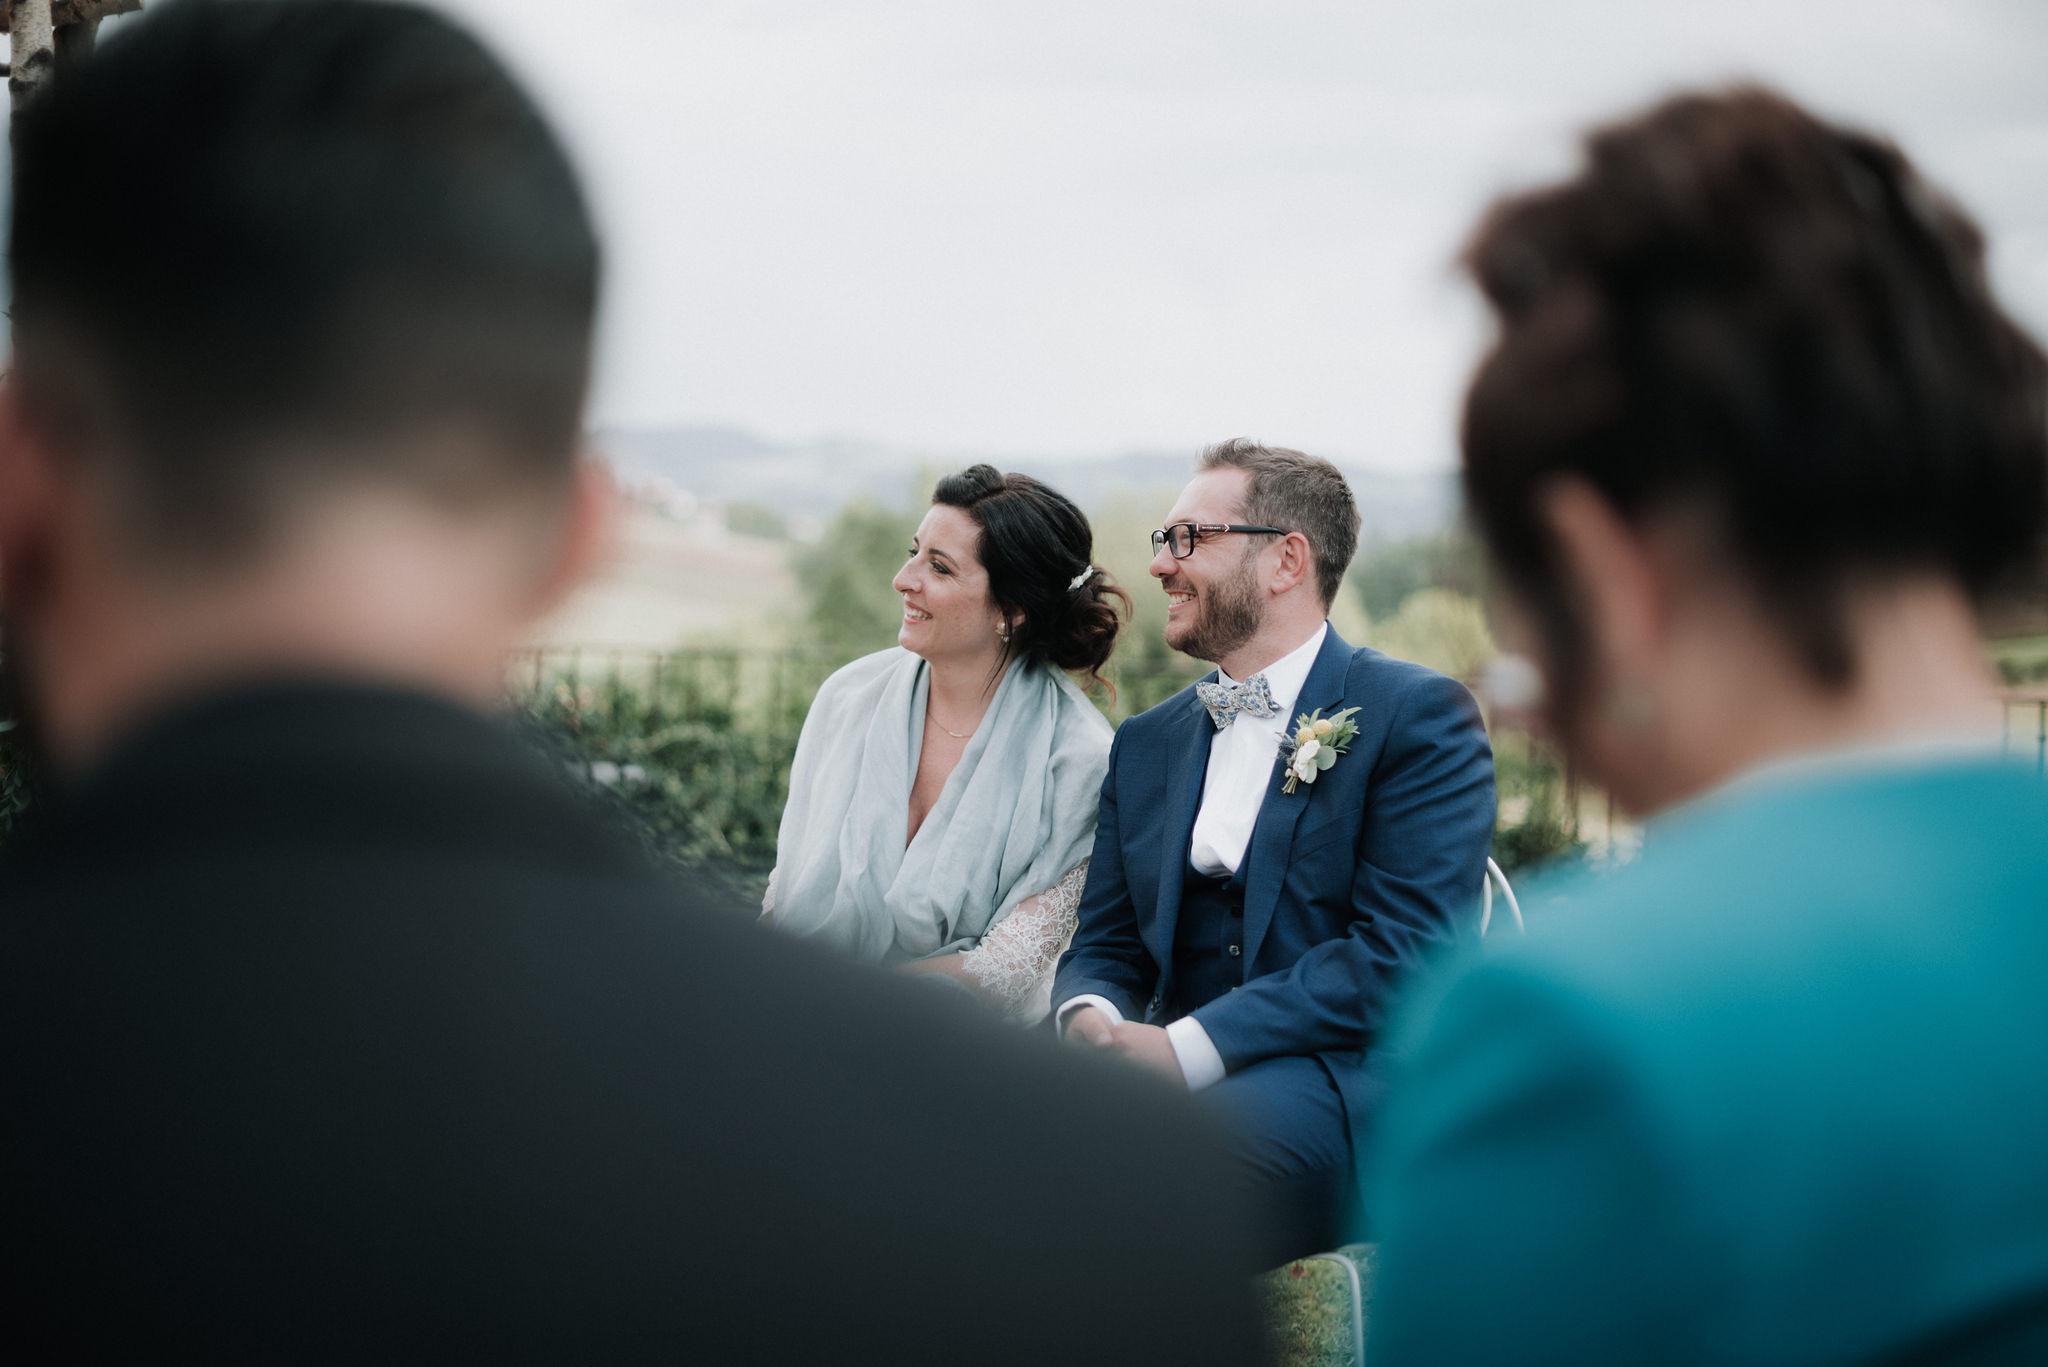 Léa-Fery-photographe-professionnel-lyon-rhone-alpes-portrait-creation-mariage-evenement-evenementiel-famille-7262.jpg